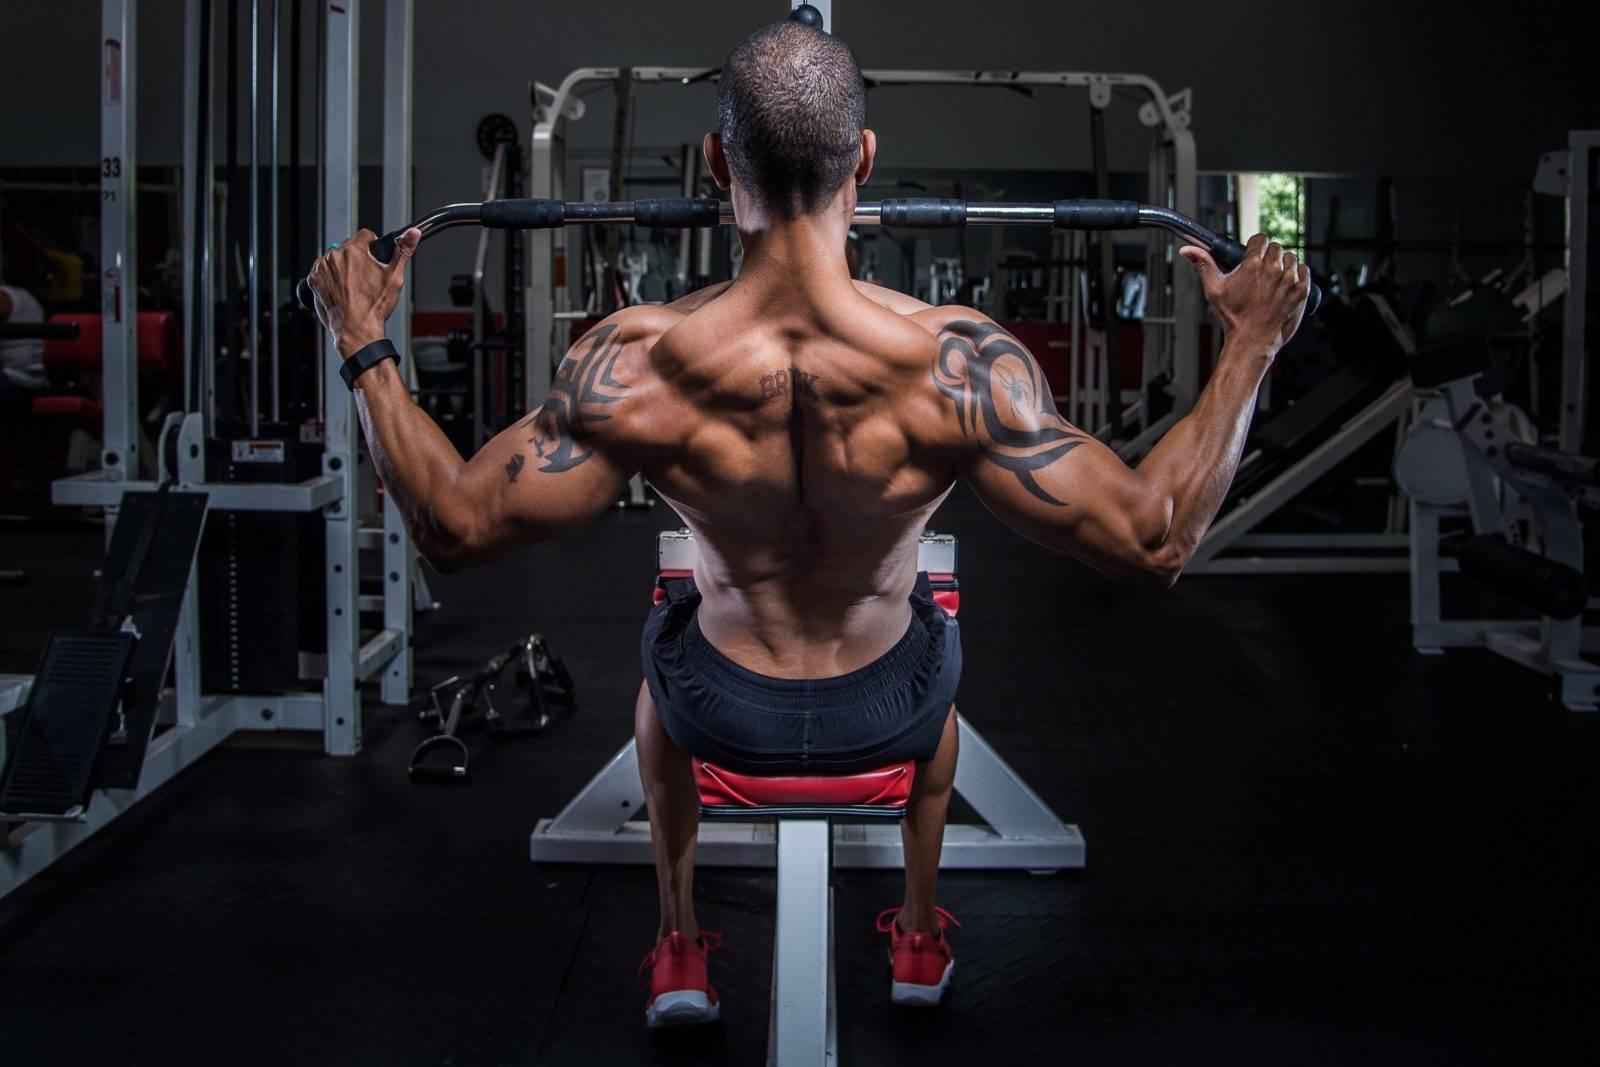 Упражнения на спину в тренажерном зале и дома, в том числе с гантелями и штангой, комплекс для укрепления мышц для девушек и мужчин